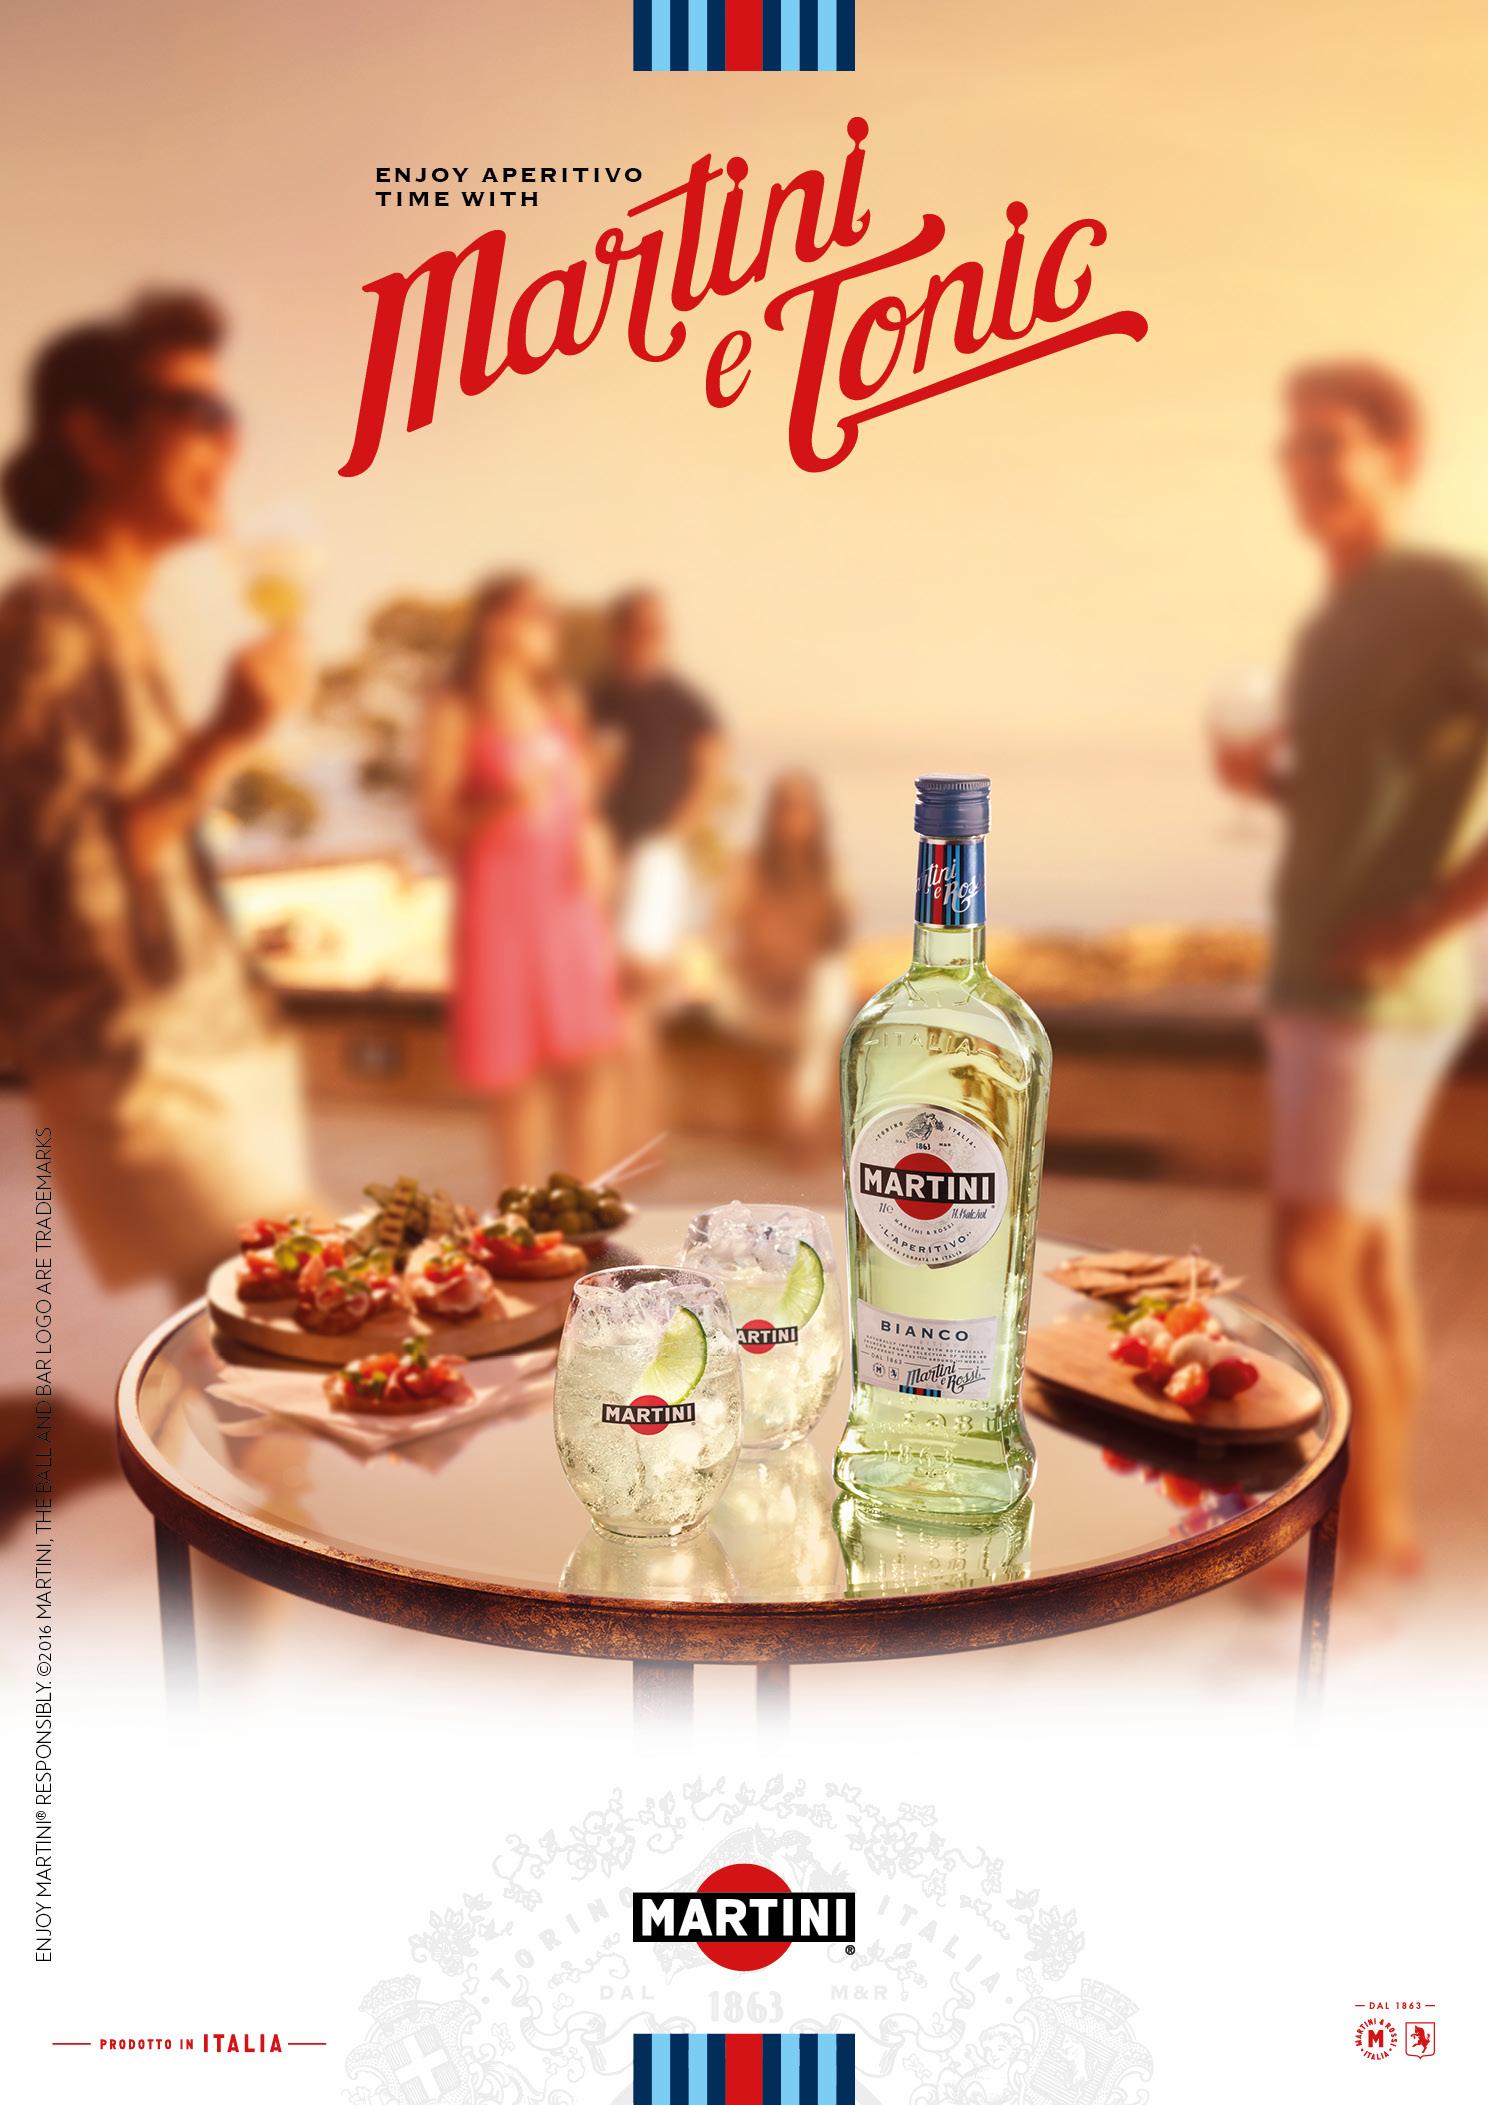 Martini_e_Tonic_F18_Toolkit_Bianco_Tumbler_Glass_1ltr_144_Lifestyle_Key_Visual_Light_Market_Final_1488x2105